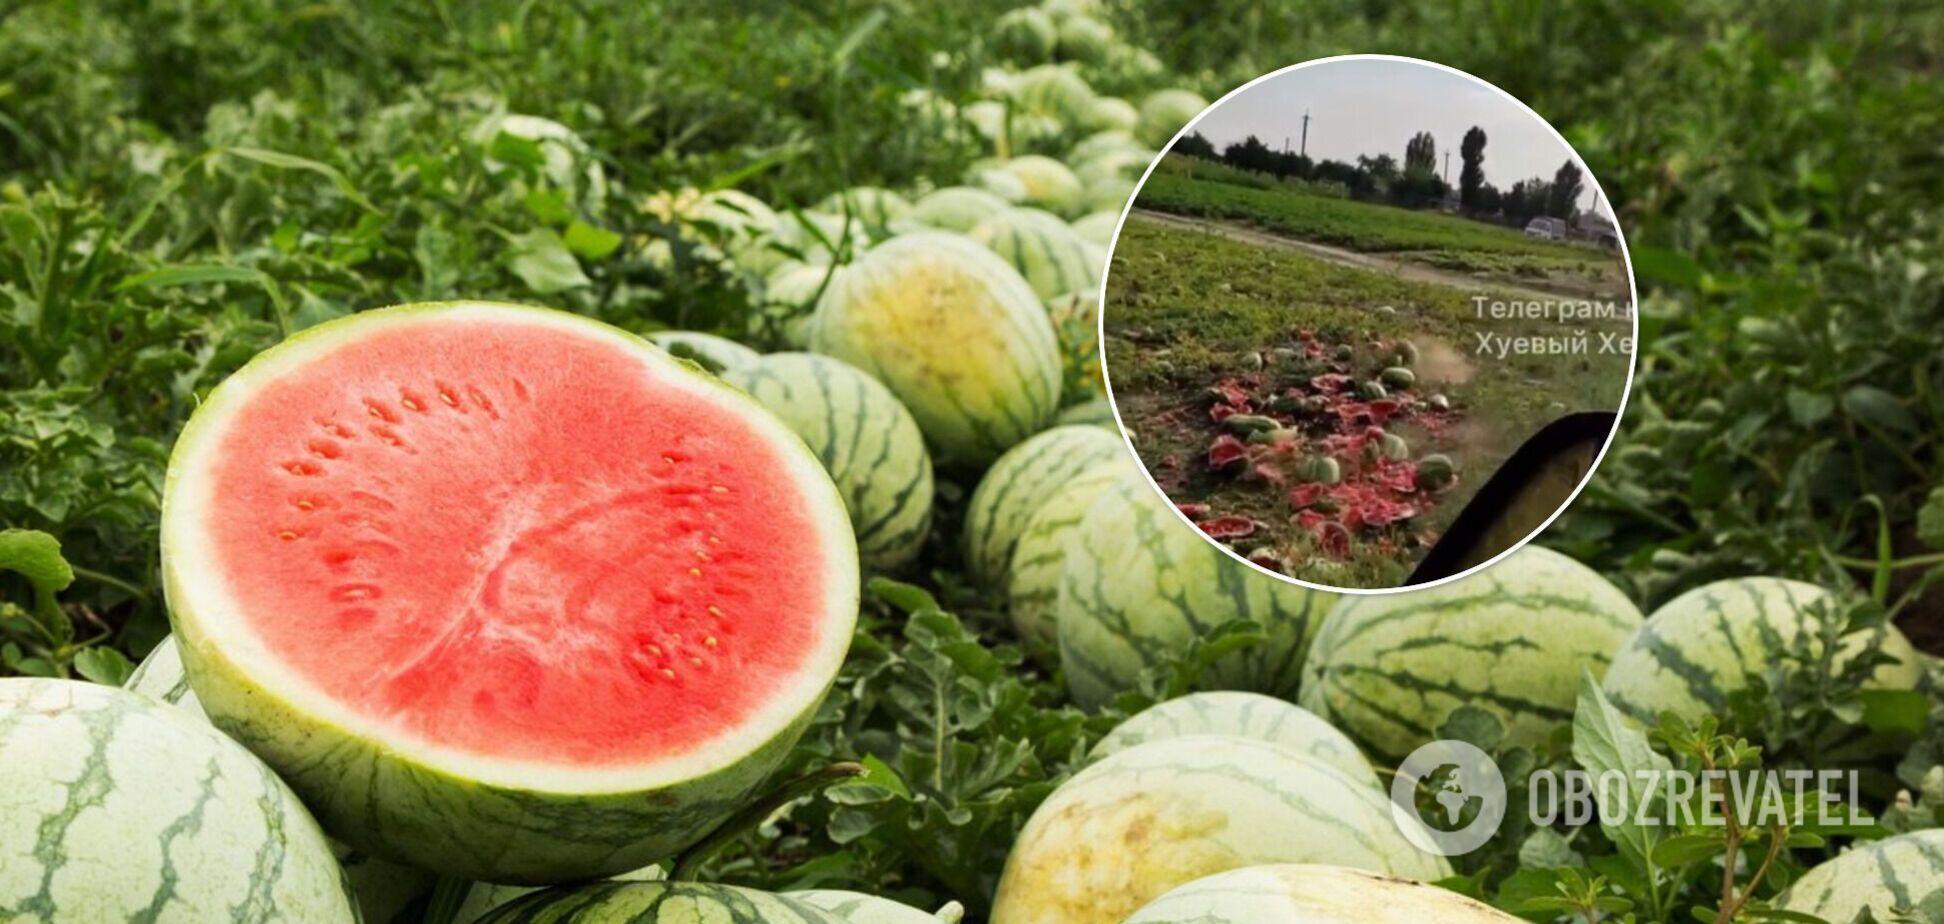 Фермеры на Херсонщине уничтожили урожай арбузов